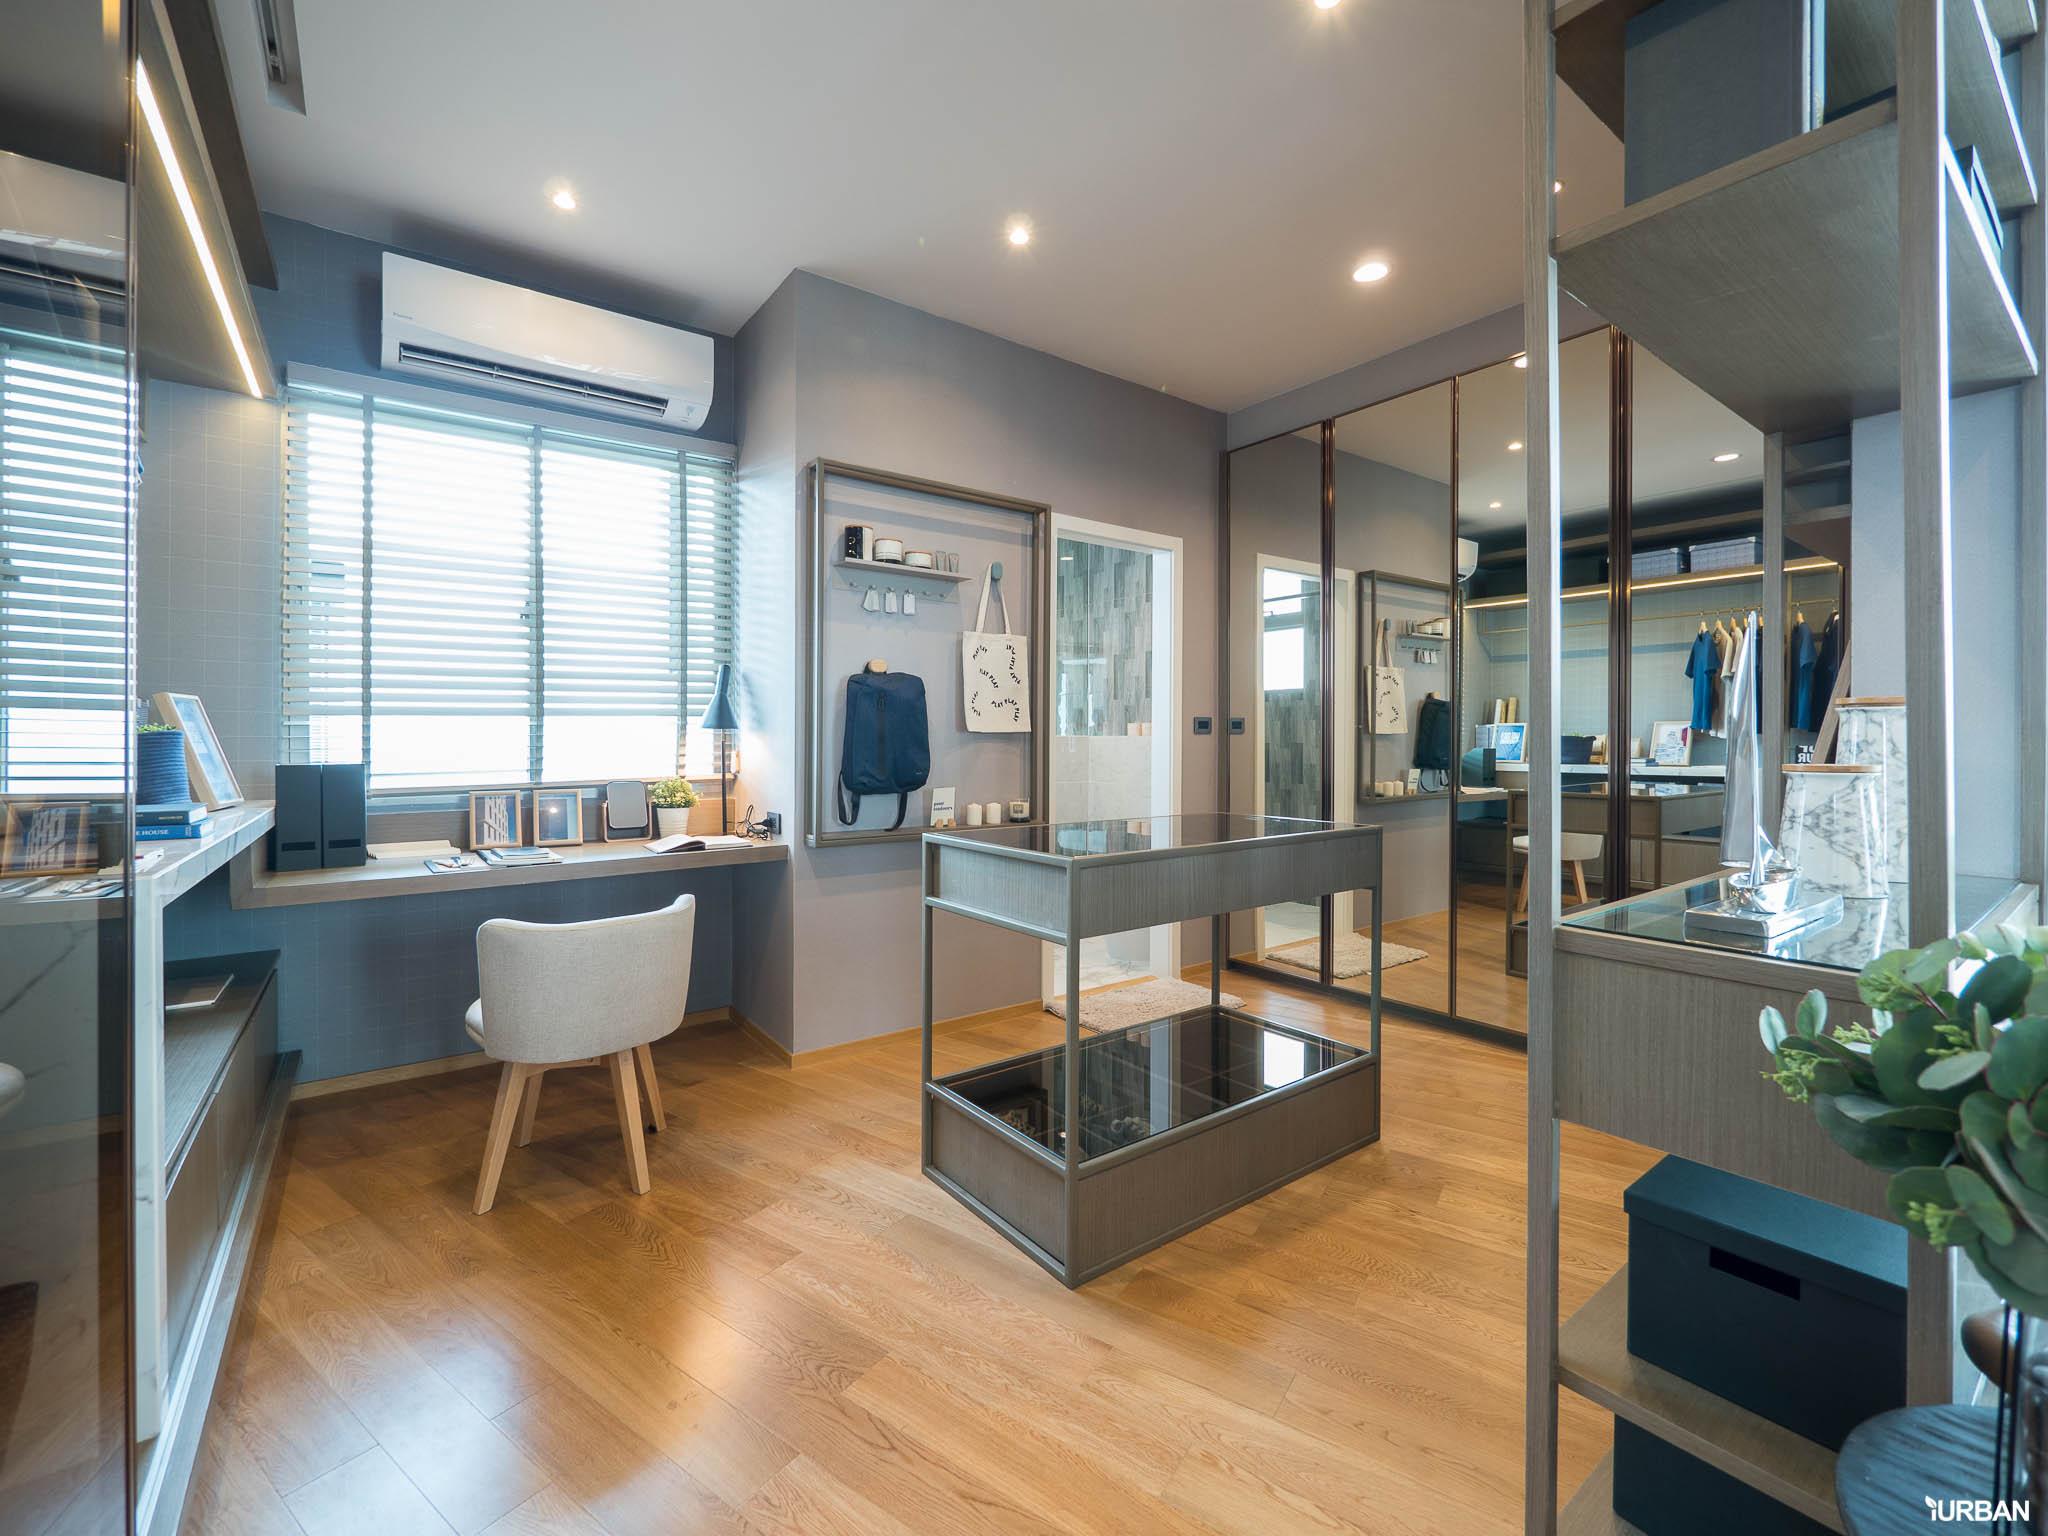 รีวิว Nirvana BEYOND Udonthani บ้านเดี่ยว 3 ชั้น ดีไซน์บิดสุดโมเดิร์น บนที่ดินสุดท้ายหน้าหนองประจักษ์ 82 - Luxury